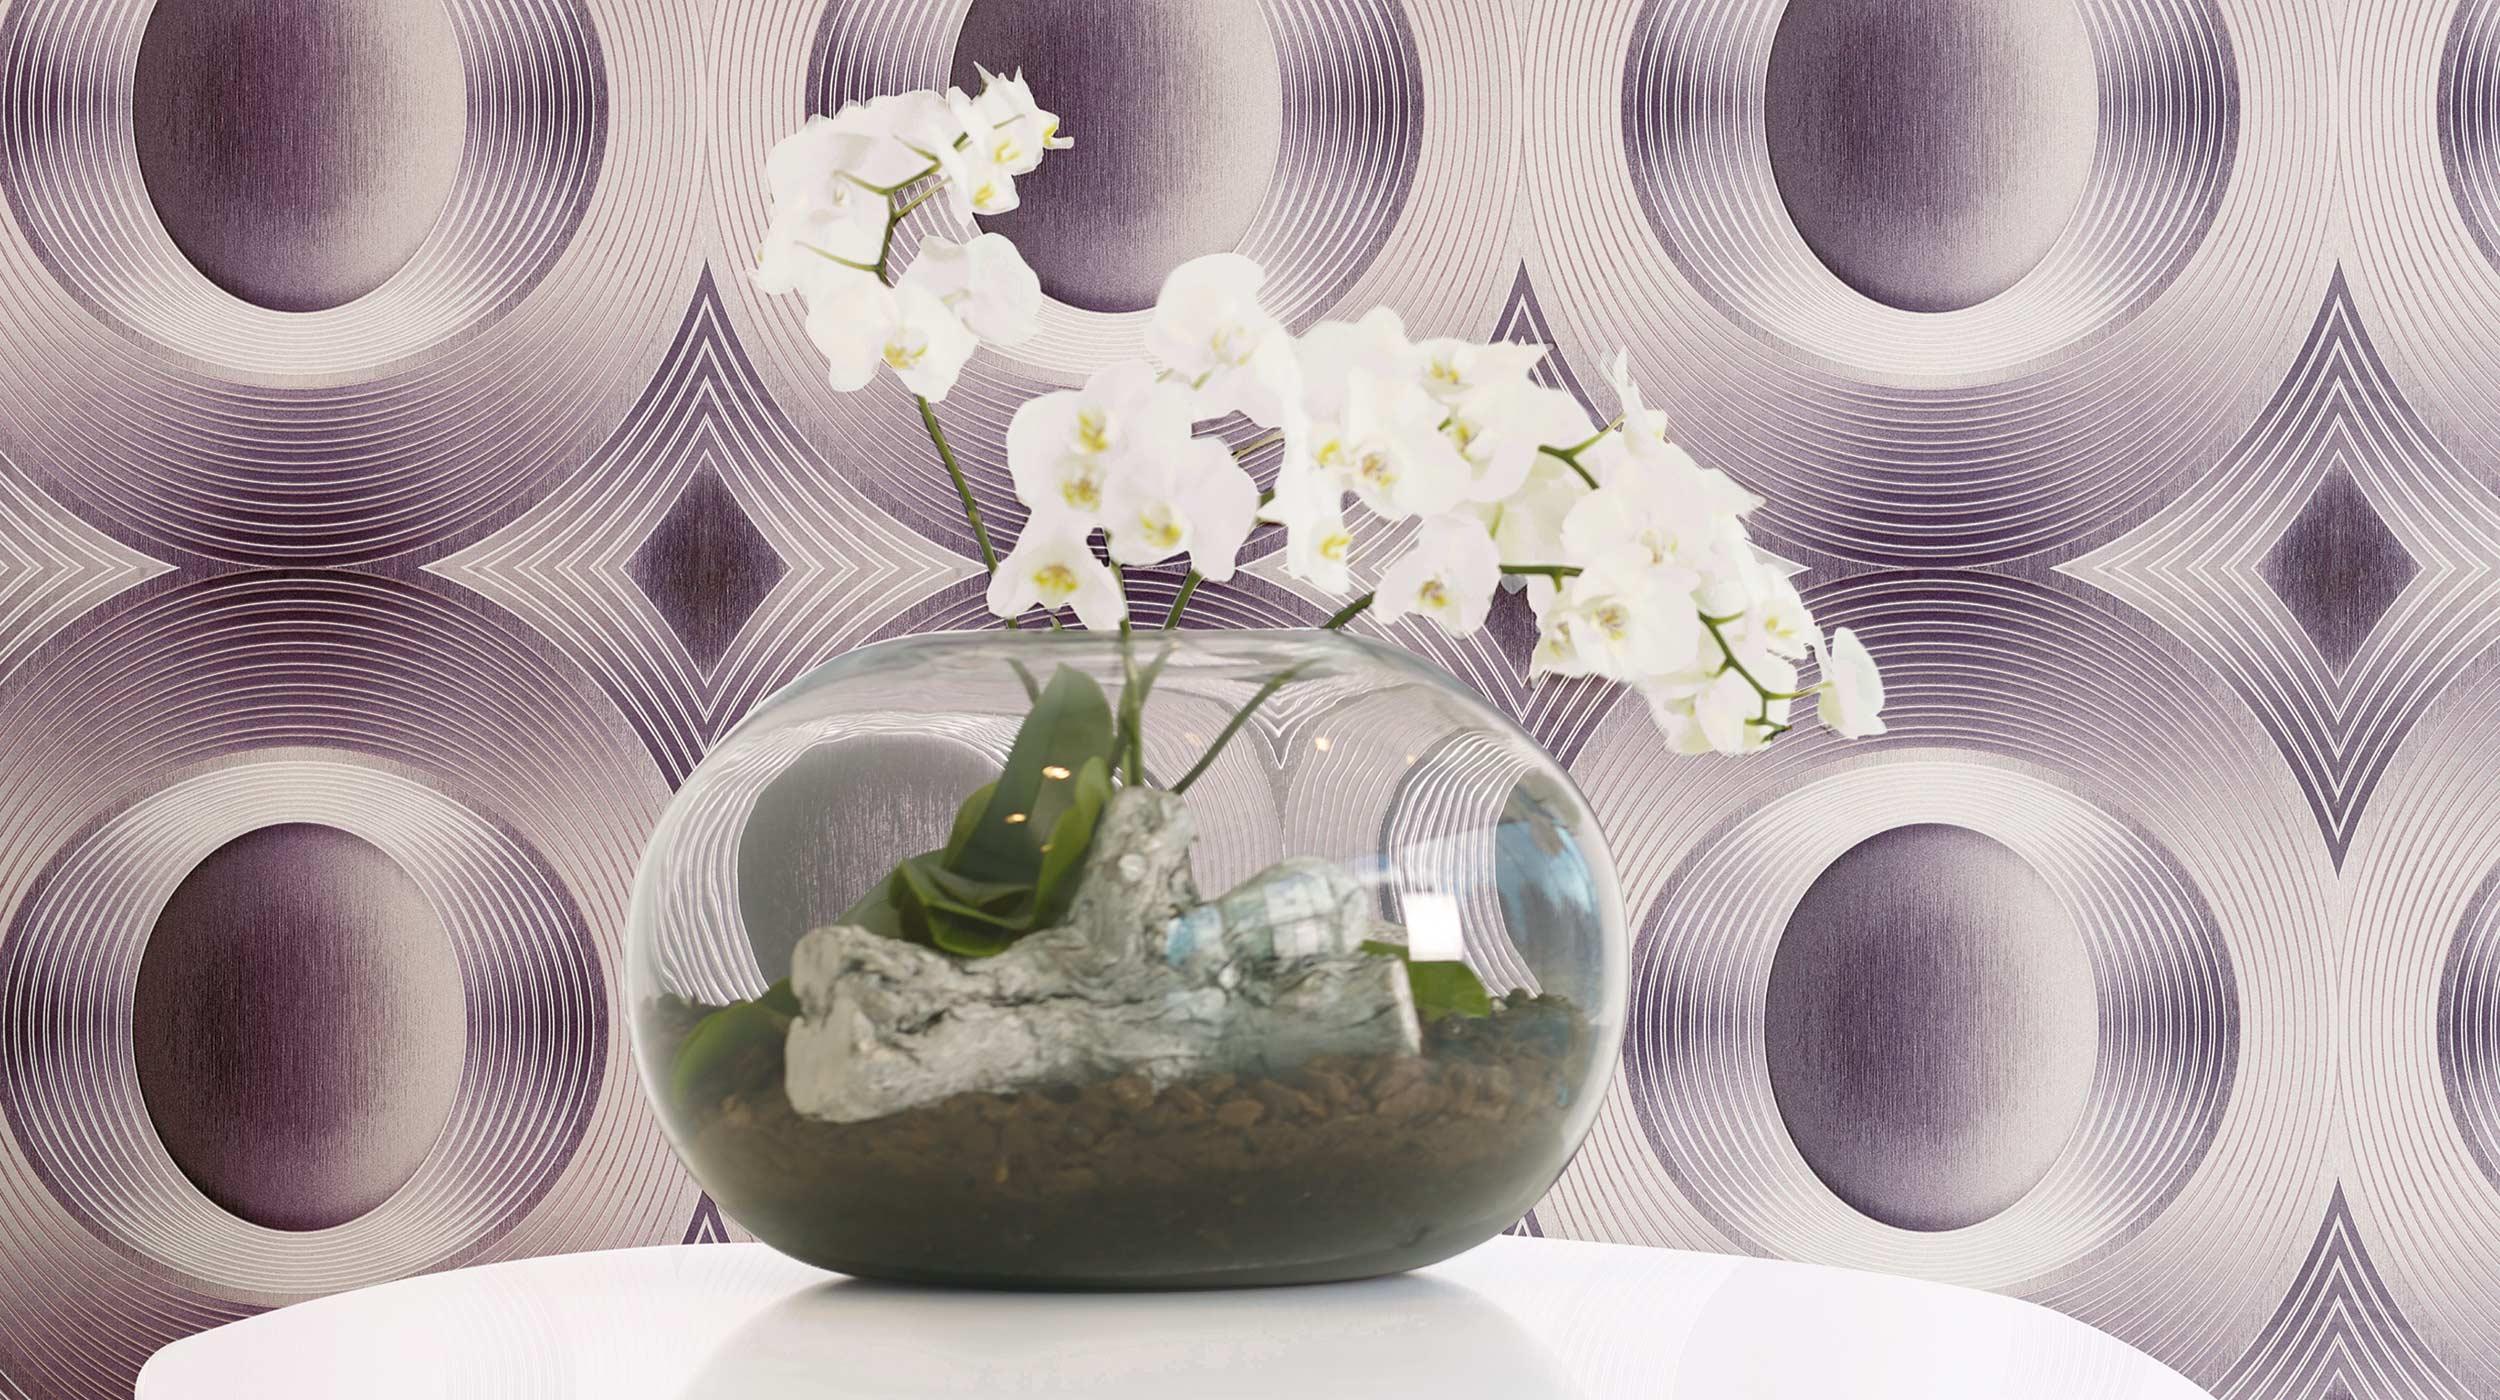 diensten en producten home decor. Black Bedroom Furniture Sets. Home Design Ideas